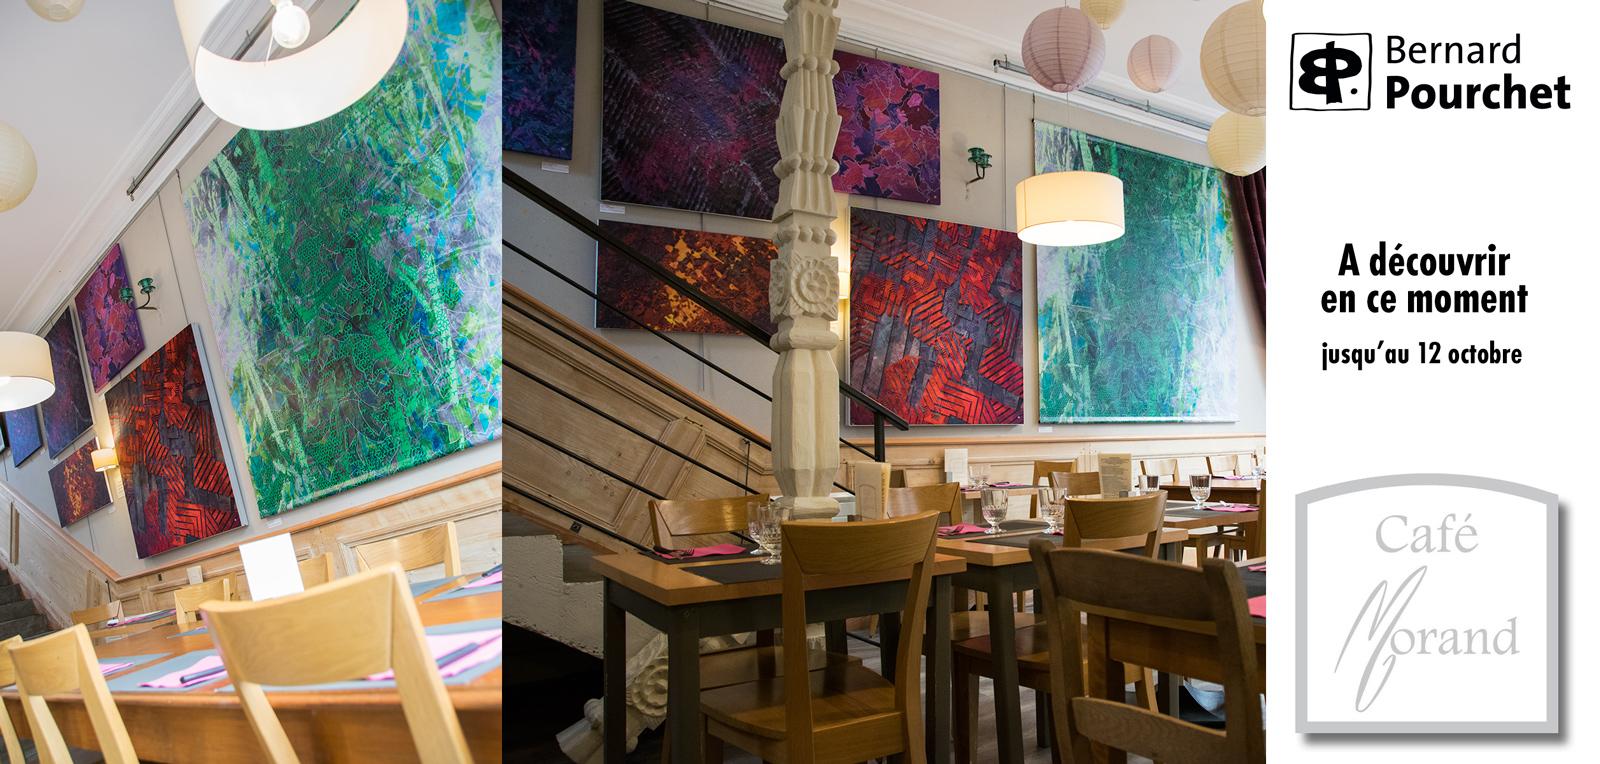 Exposition Café Morand Besançon